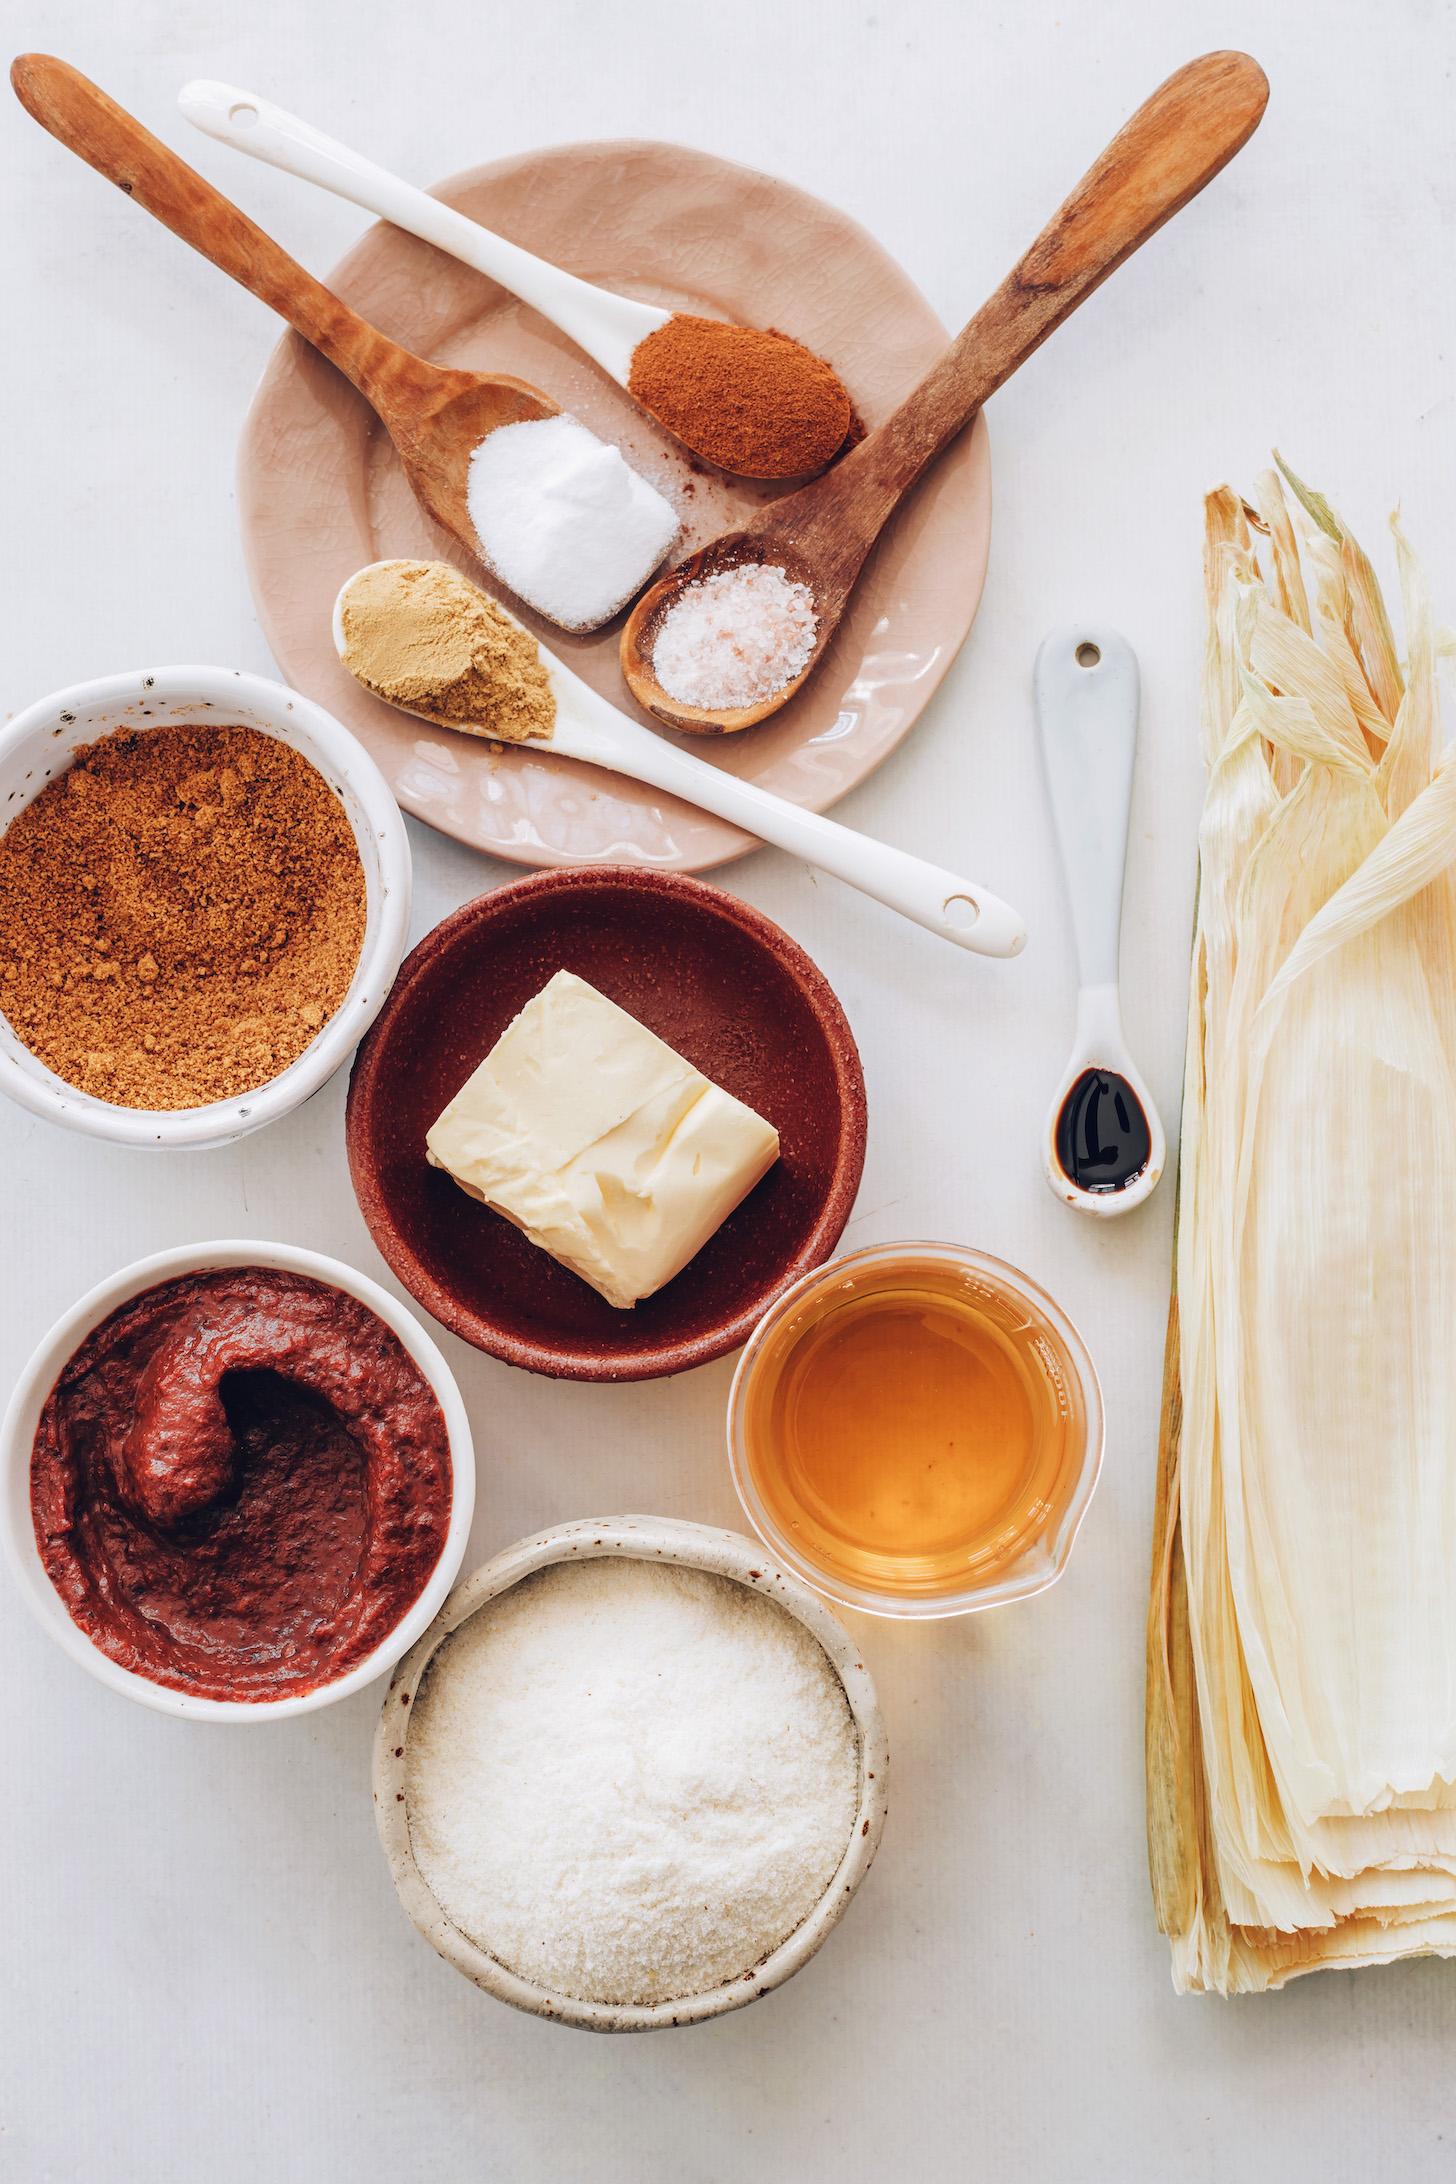 Mısır kabuğu, elma suyu, masa harina, vanilya, vegan yağı, elma yağı, hindistancevizi şekeri, zencefil, tarçın, tuz ve kabartma tozu